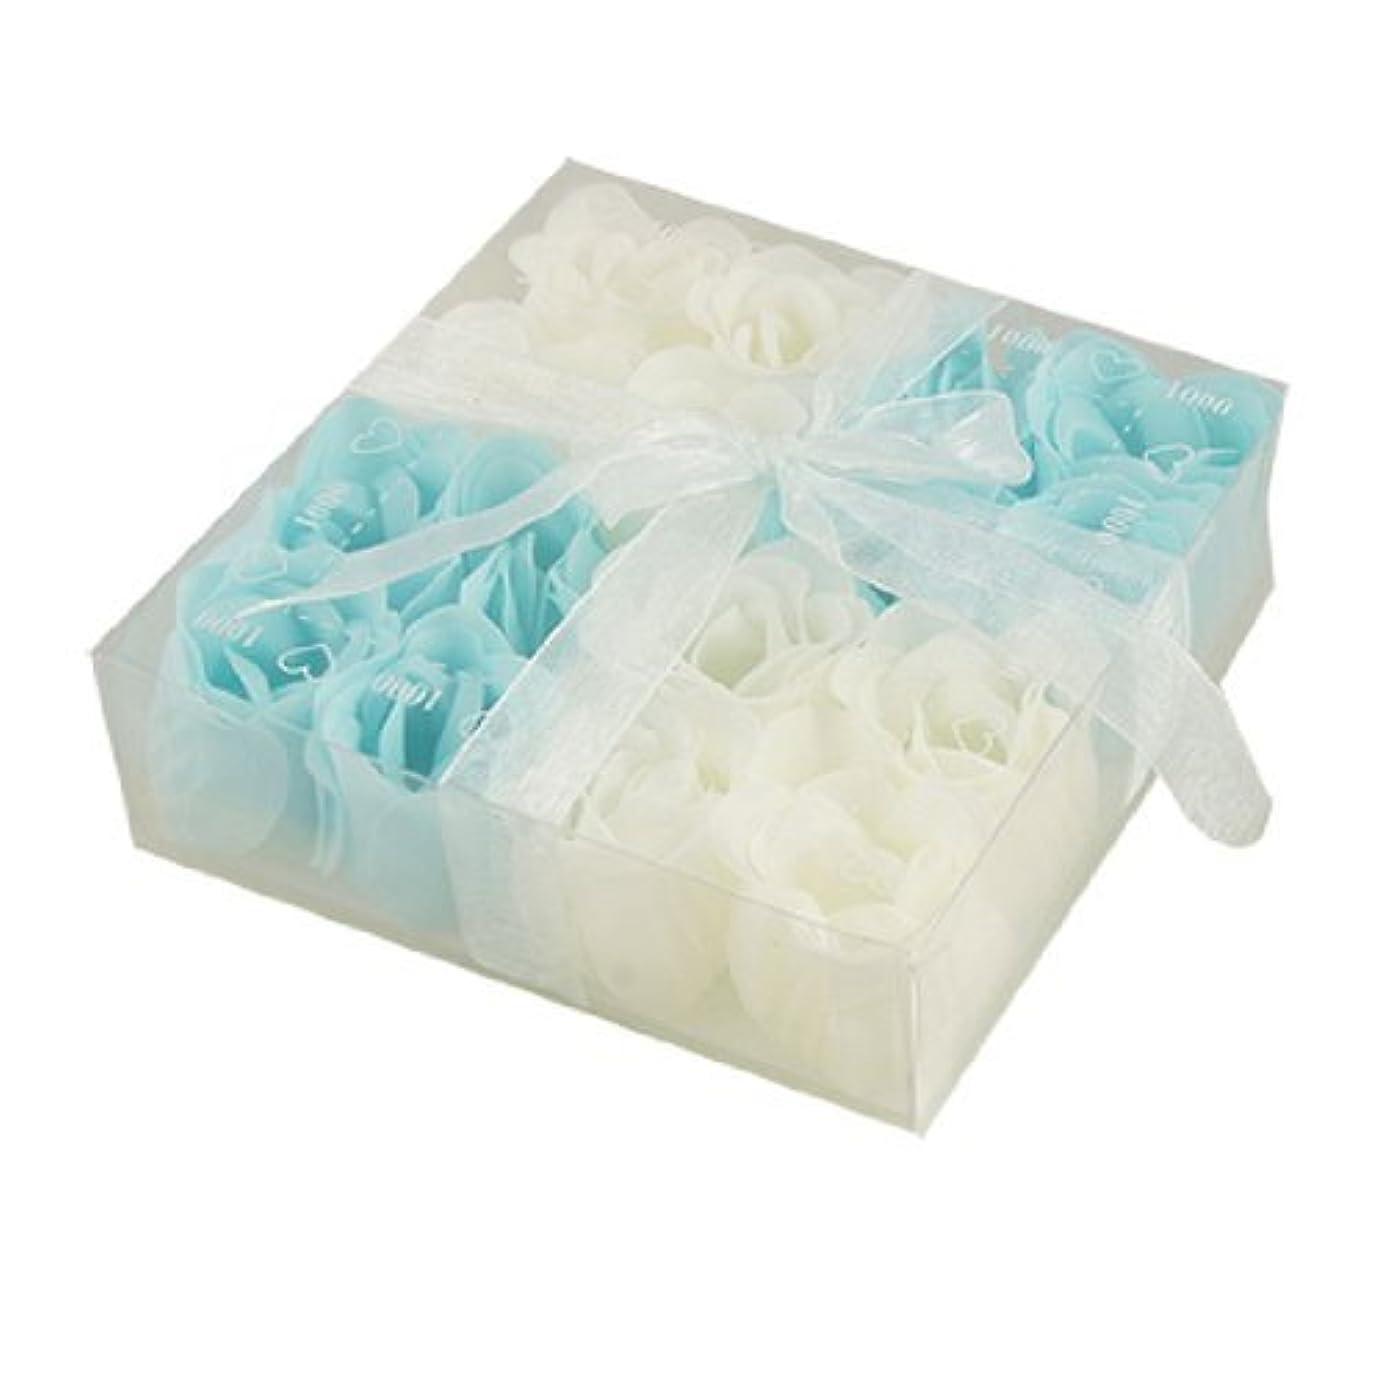 極地嬉しいです発掘するDealMuxベイビーブルーホワイト16個の香りの入浴ソープローズペタルギフト